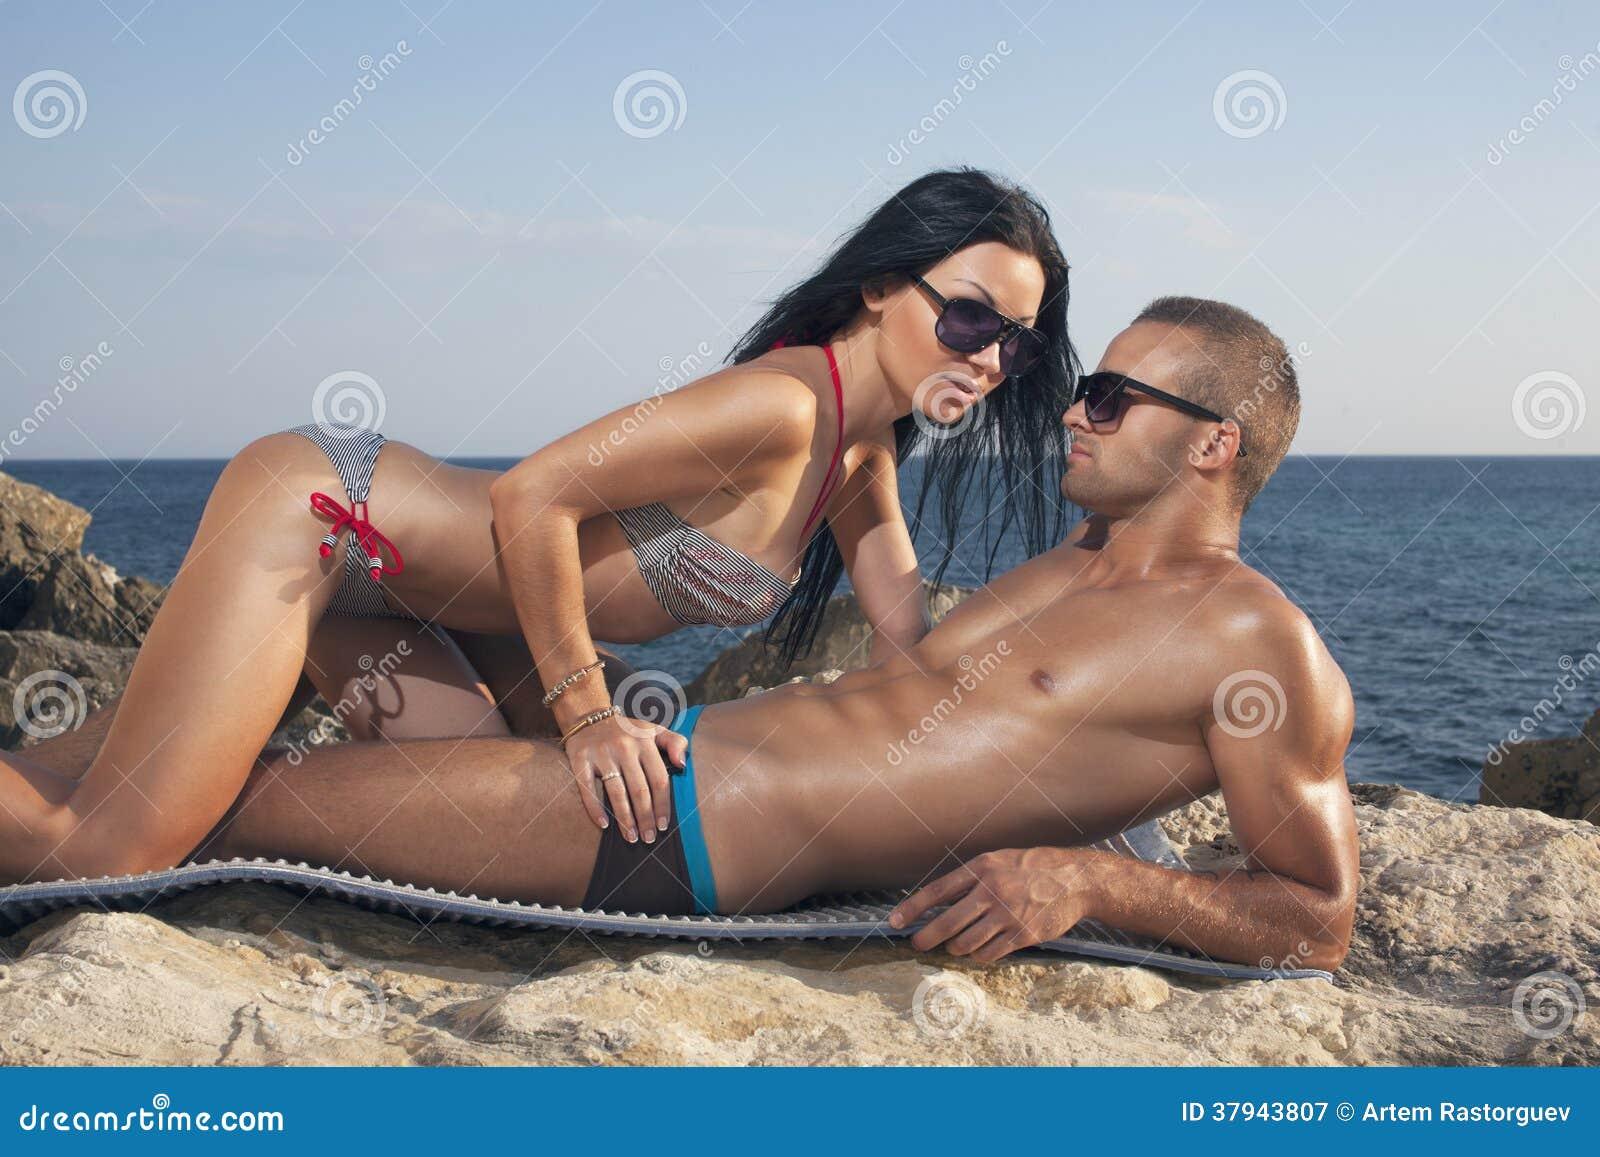 Quoi de sexe sur la plage